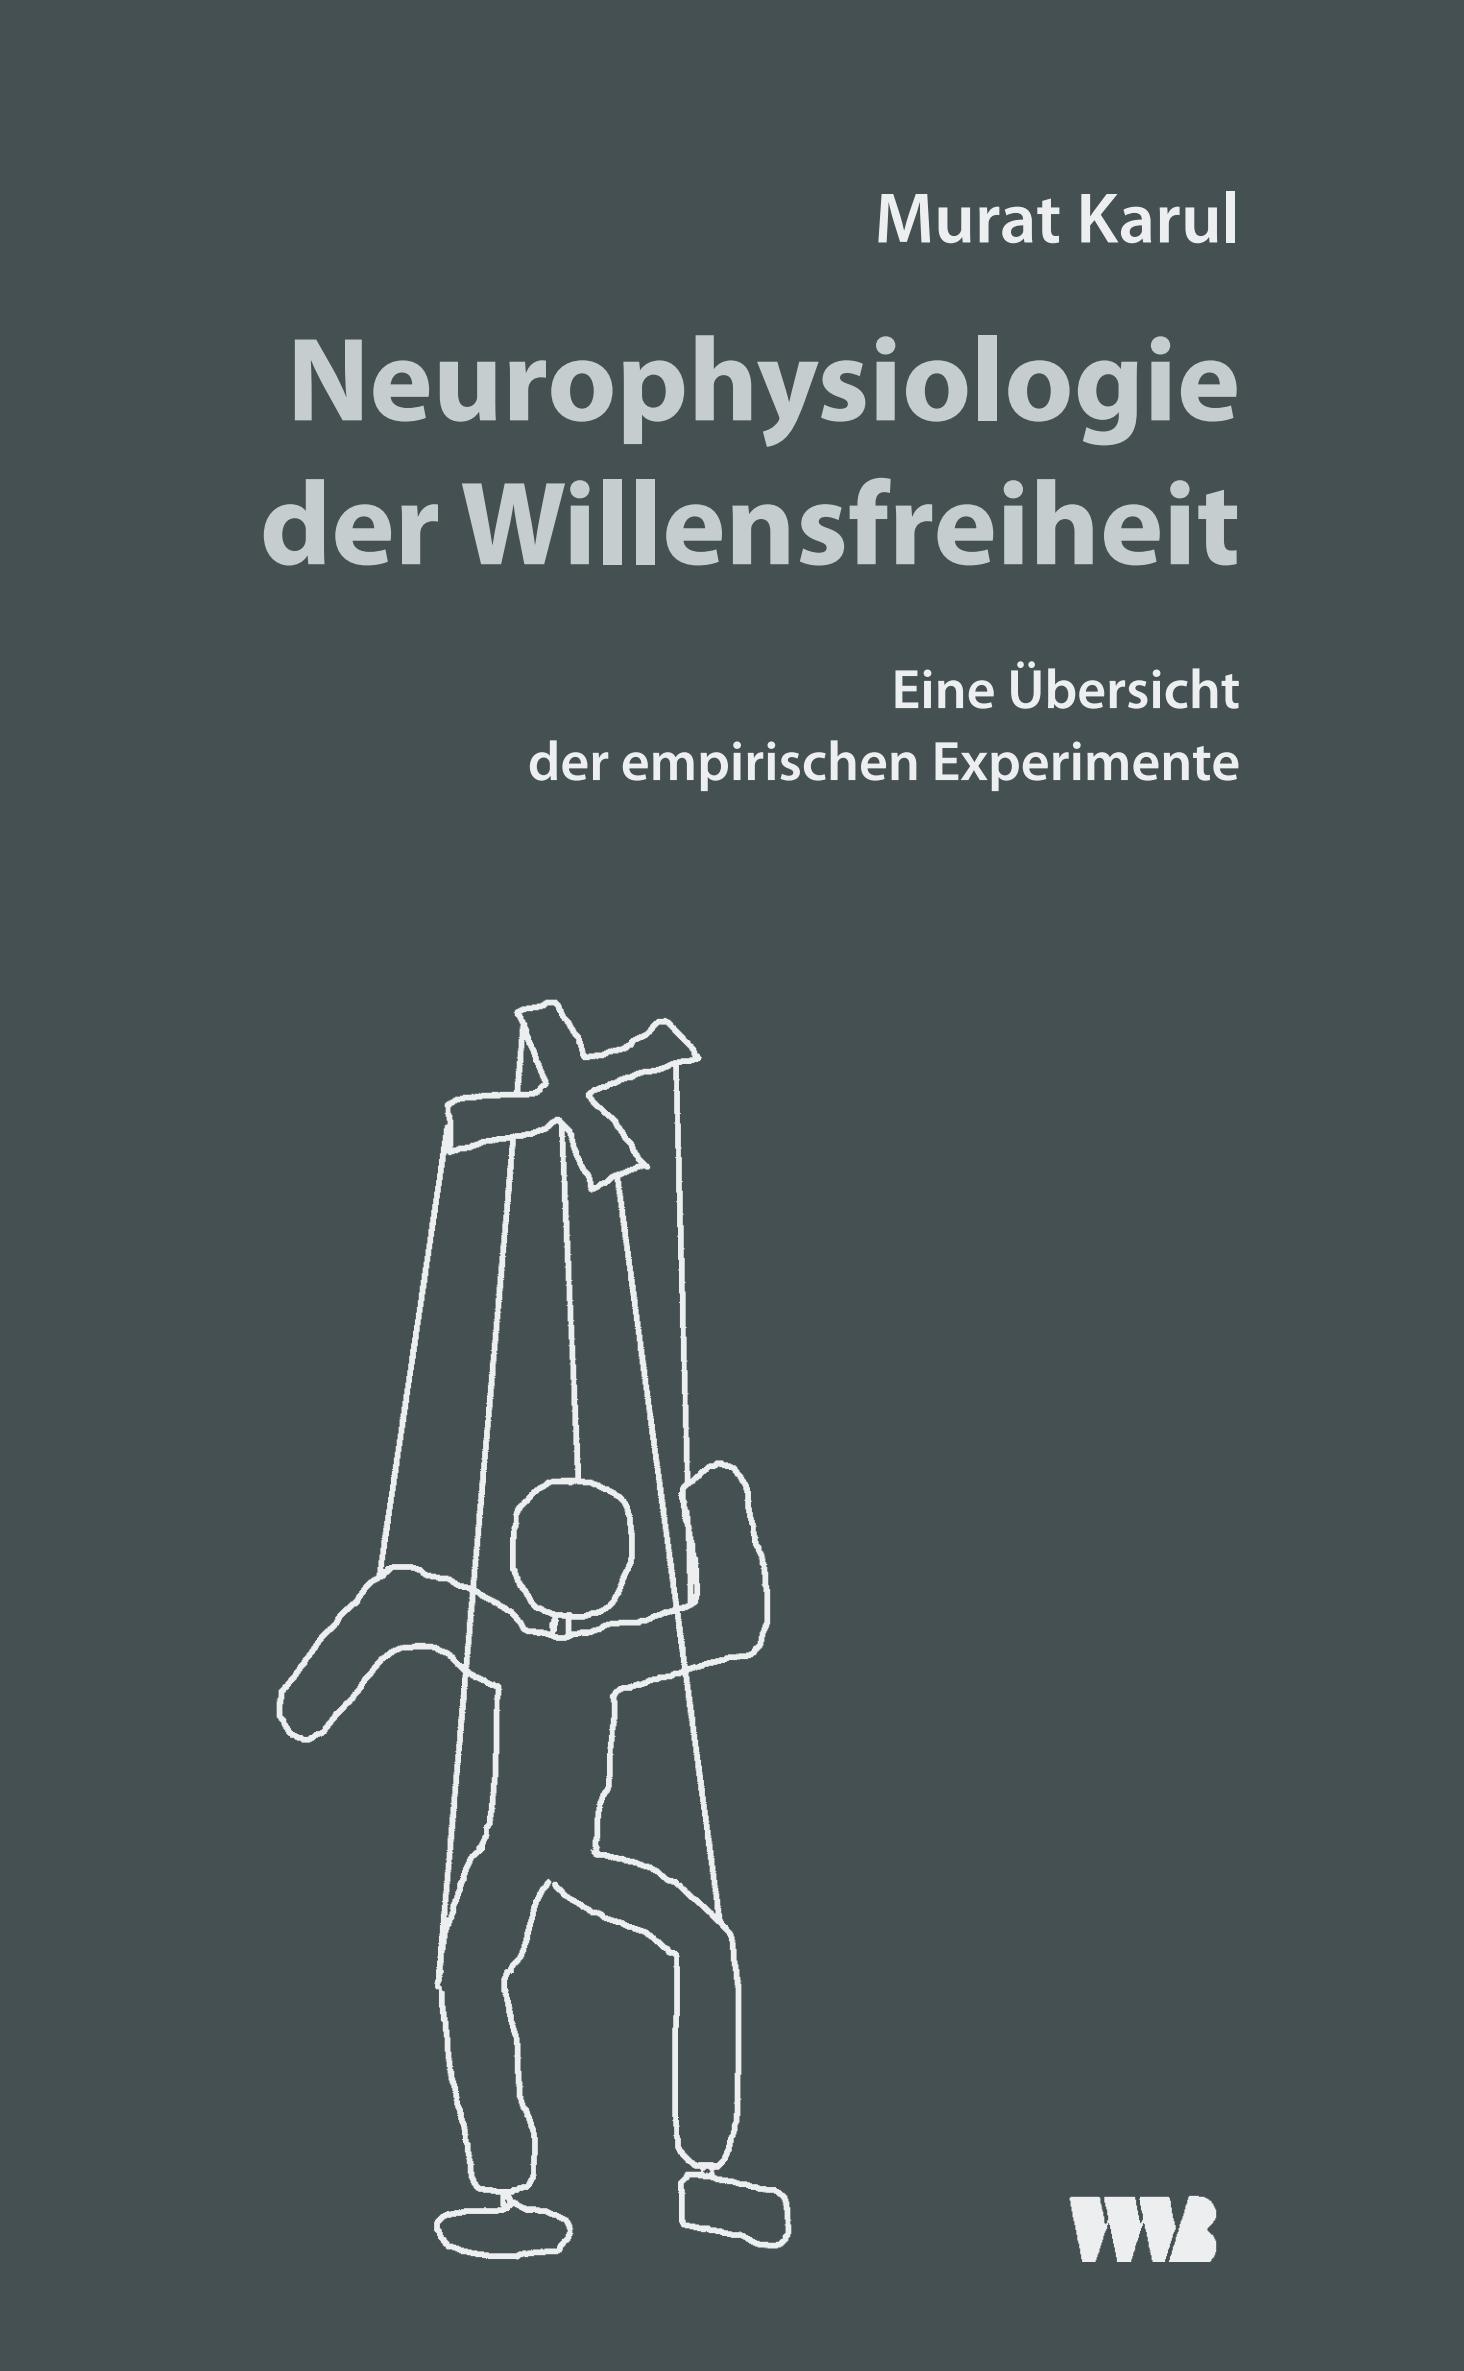 Neurophysiologie der Willensfreiheit, Dr. med. Murat Karul